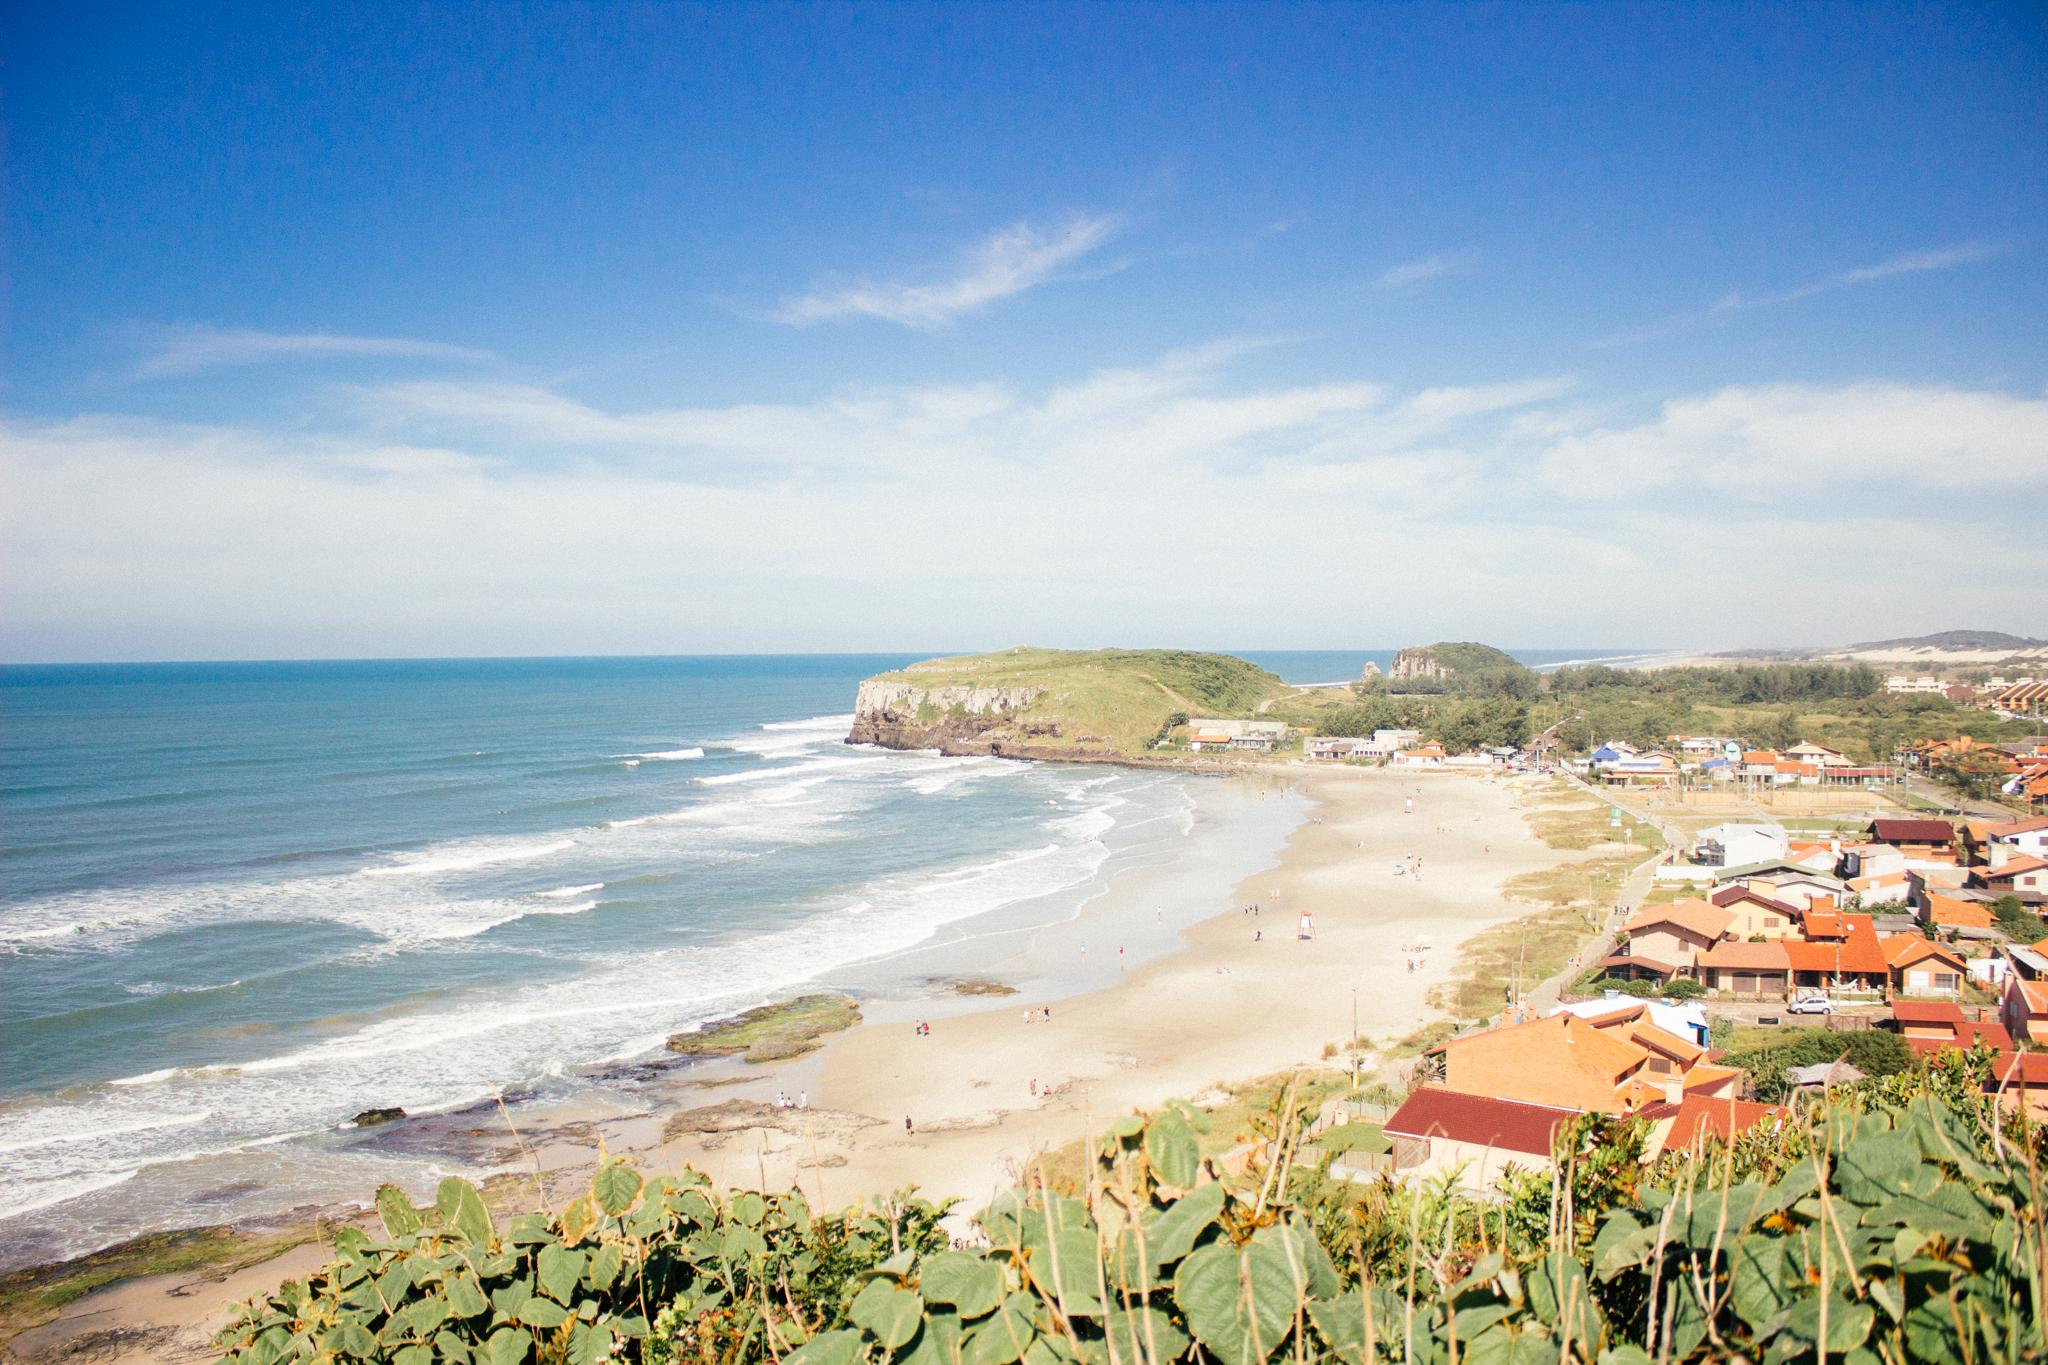 Praia do Cal e lá no fundo os morros da Praia da Guarita